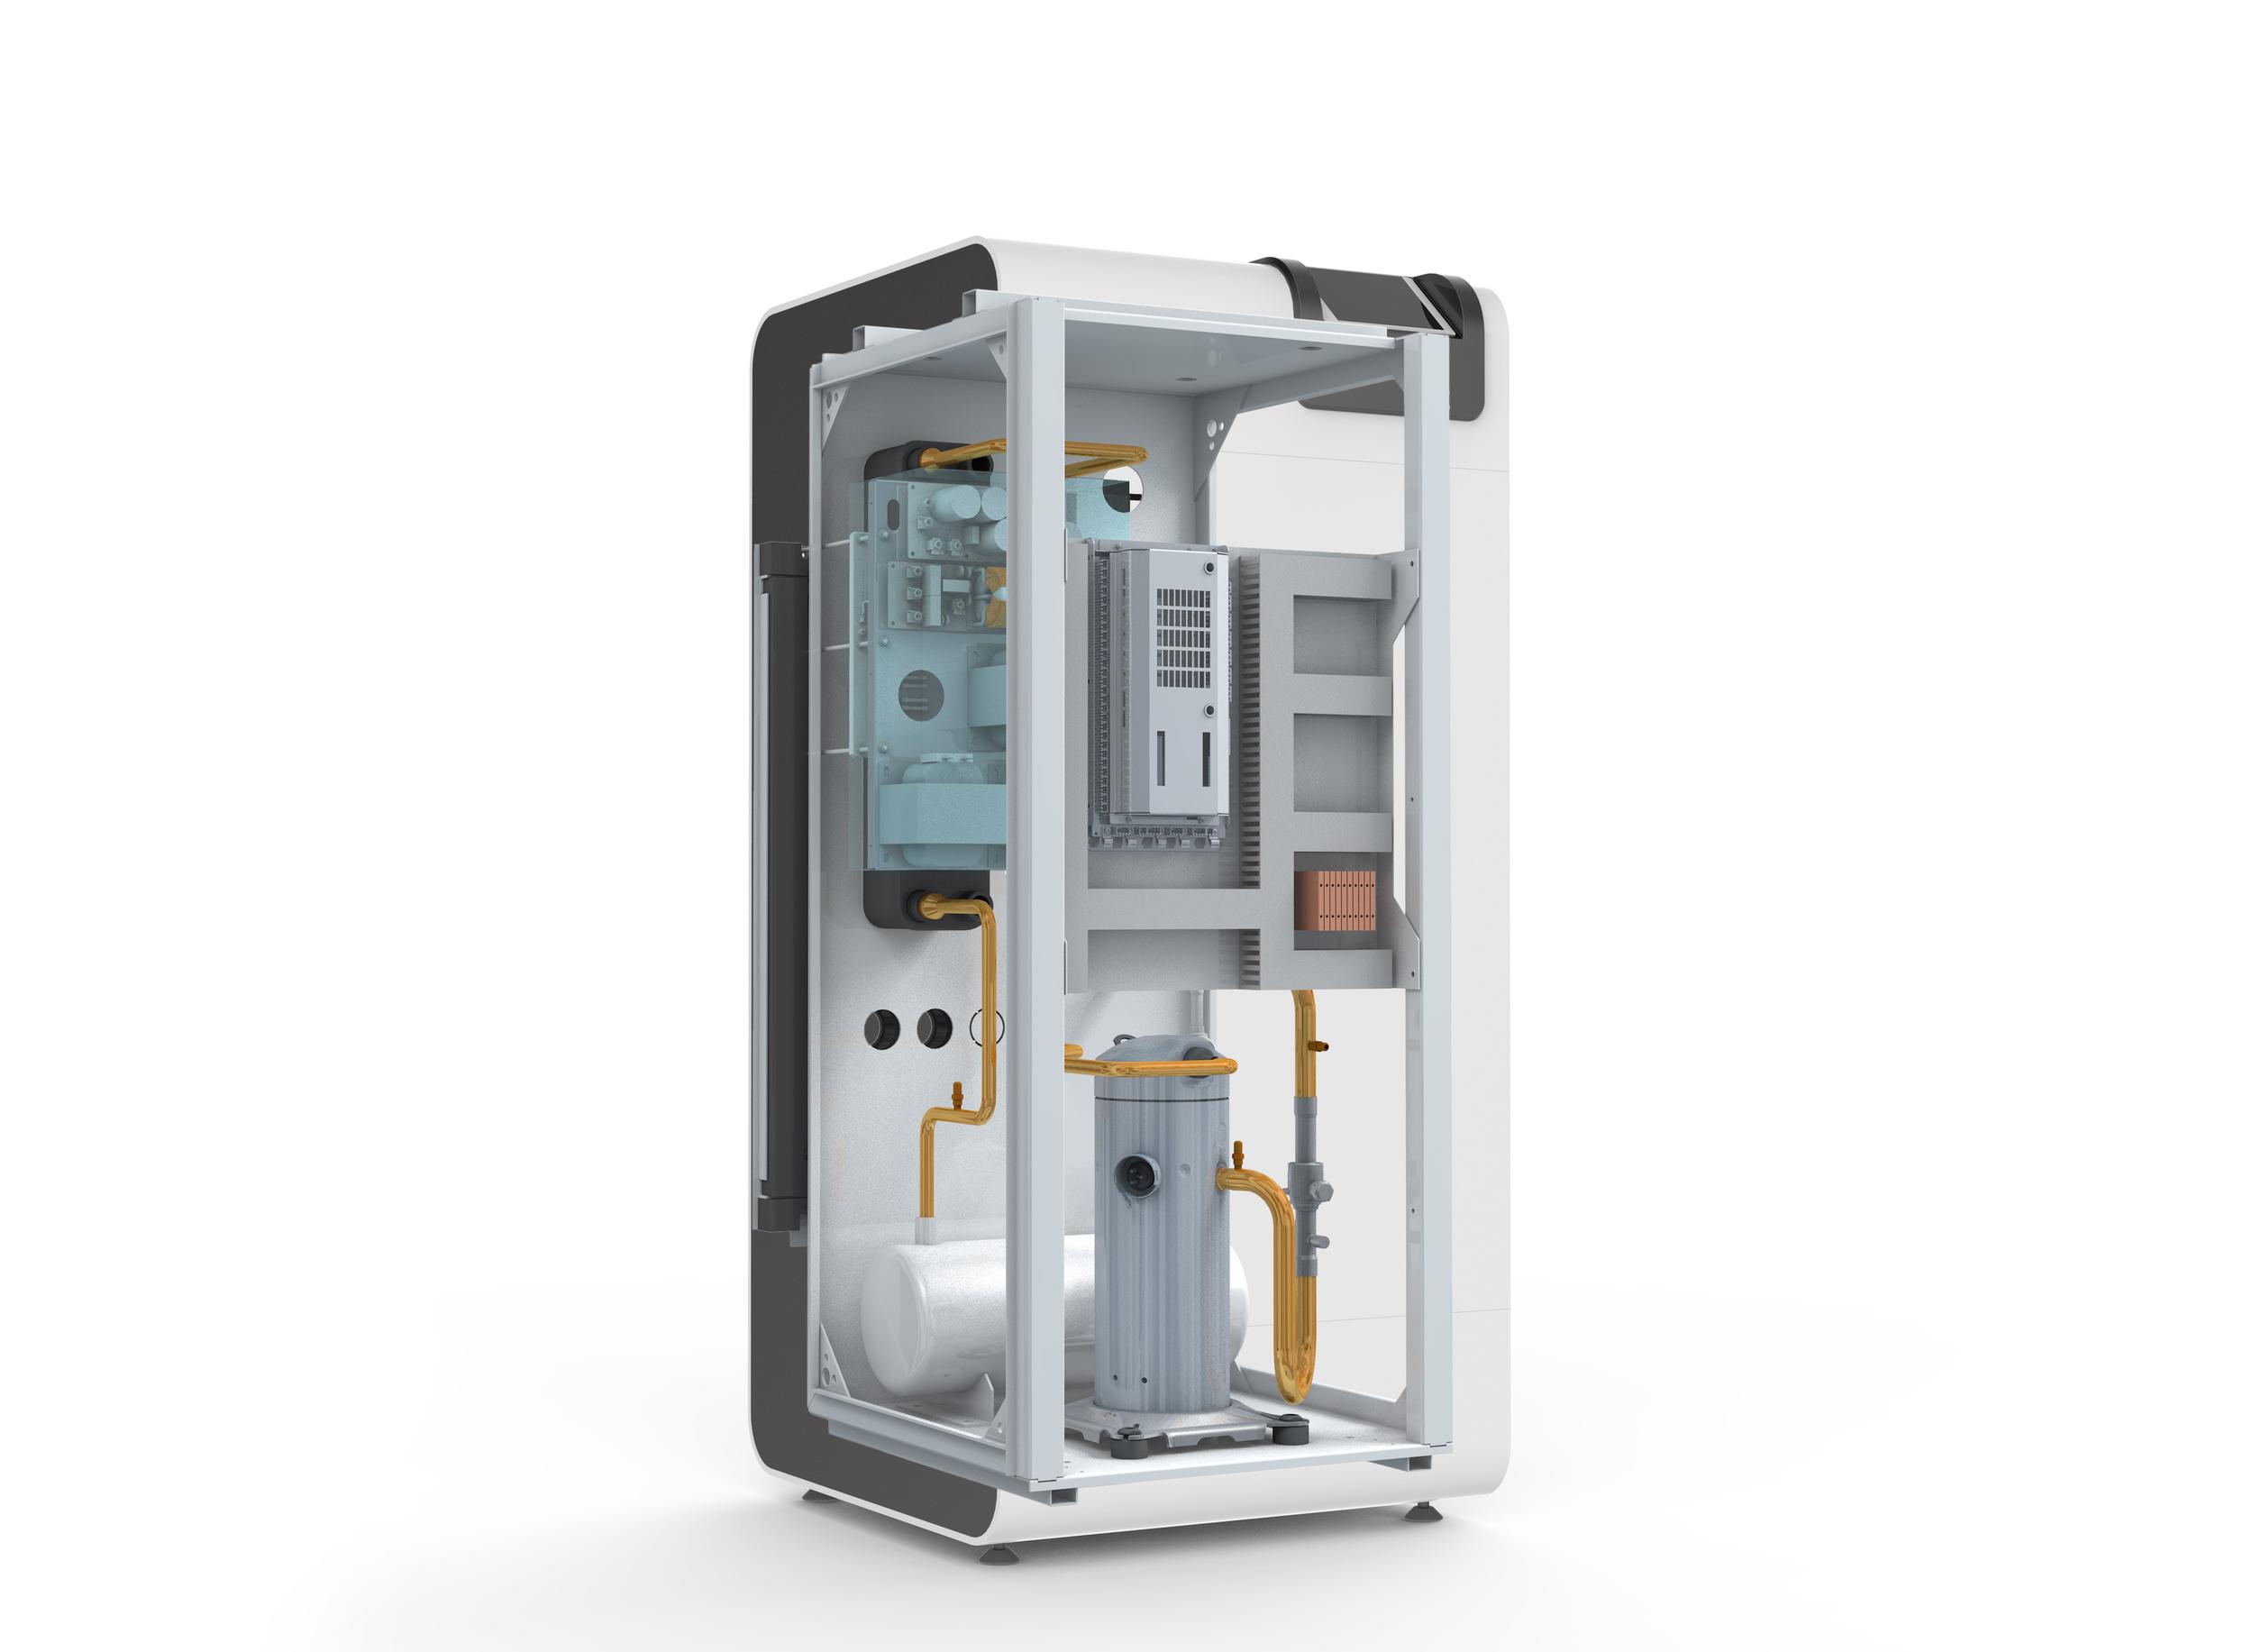 Pico Energy WPS 618 Inverter Ground Source Heat Pump Internal